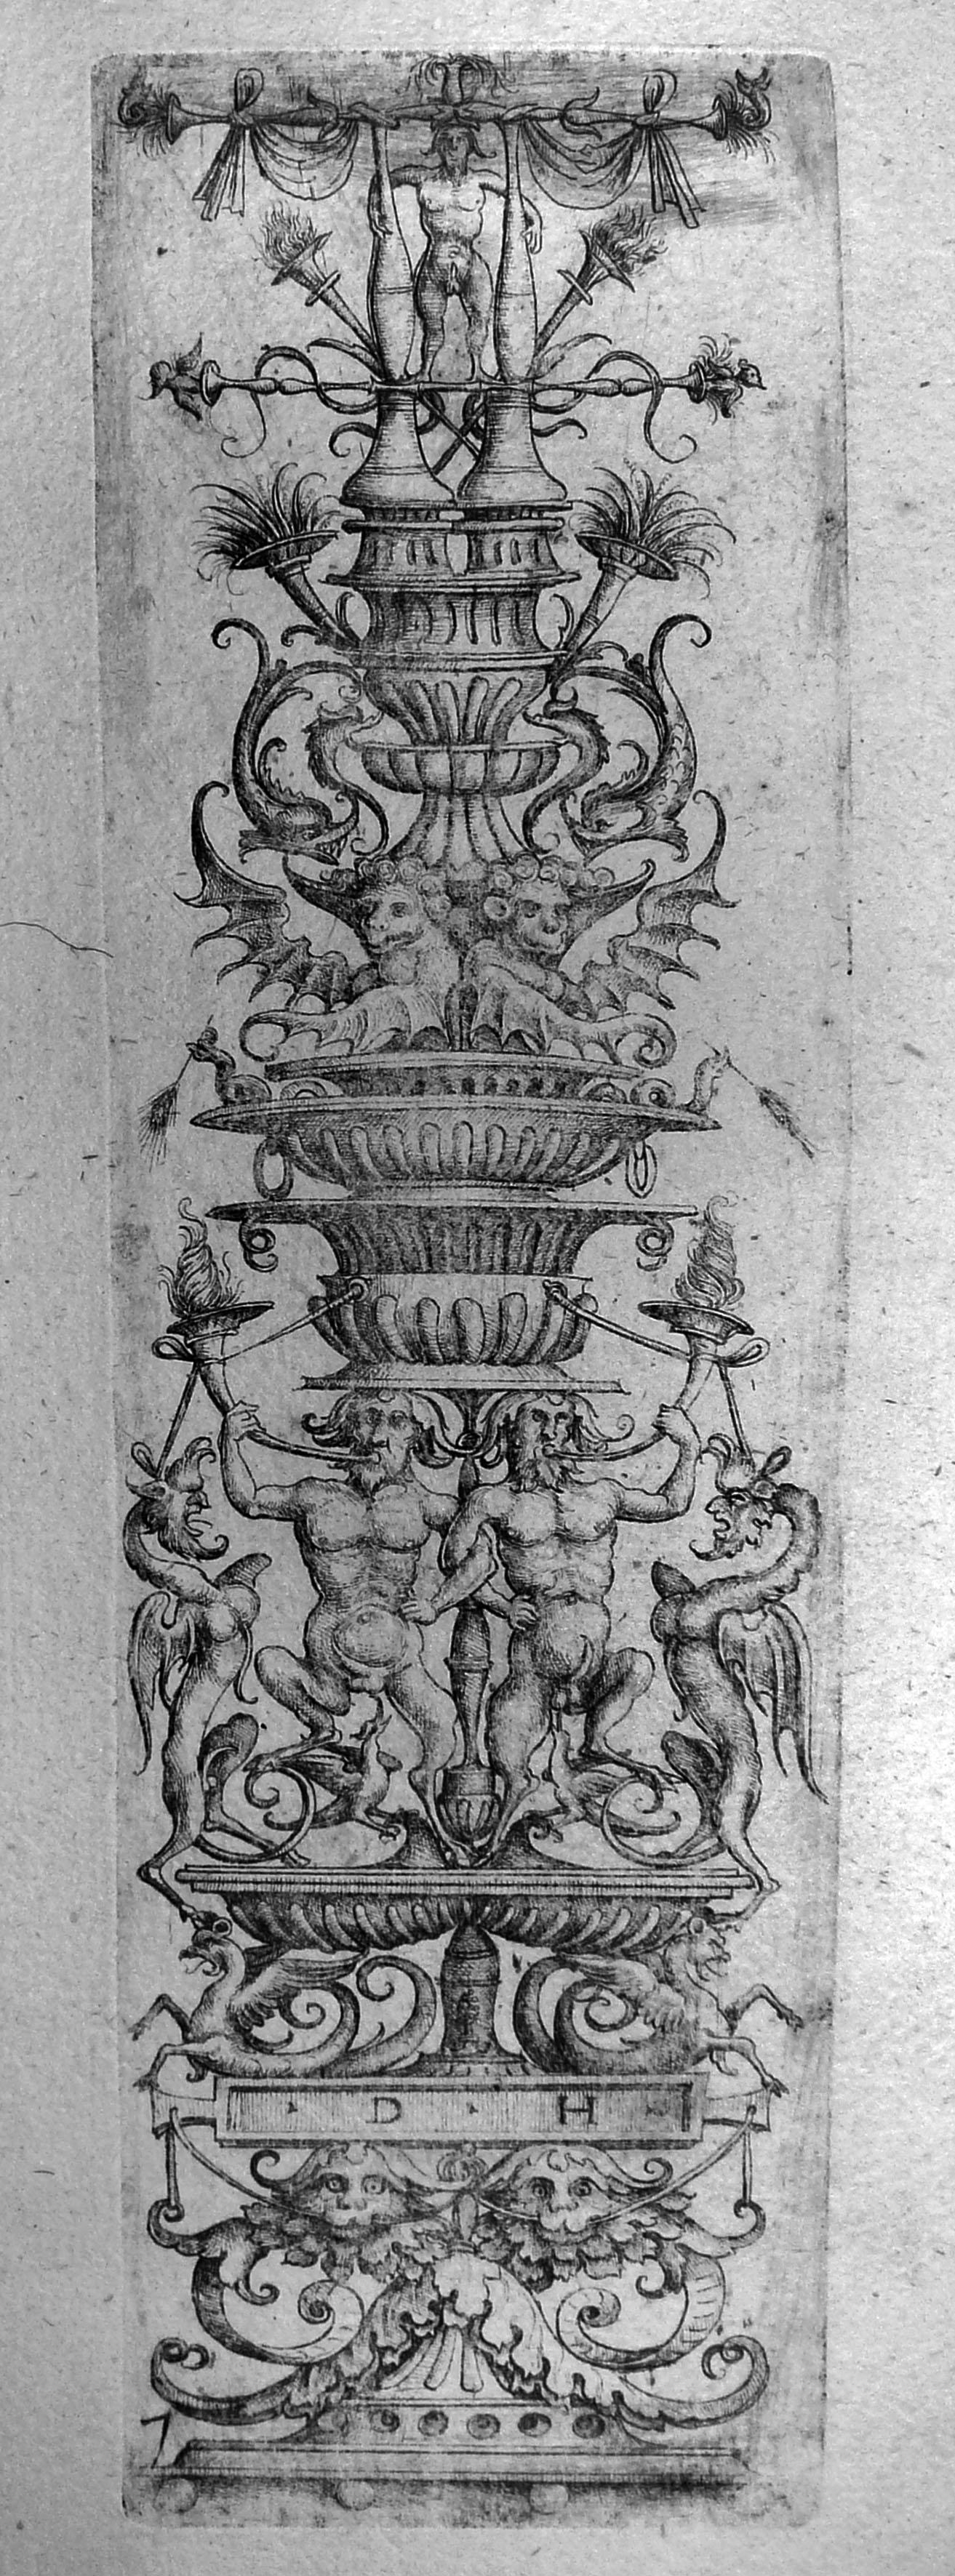 Hopfer D; Pannello ornamentale